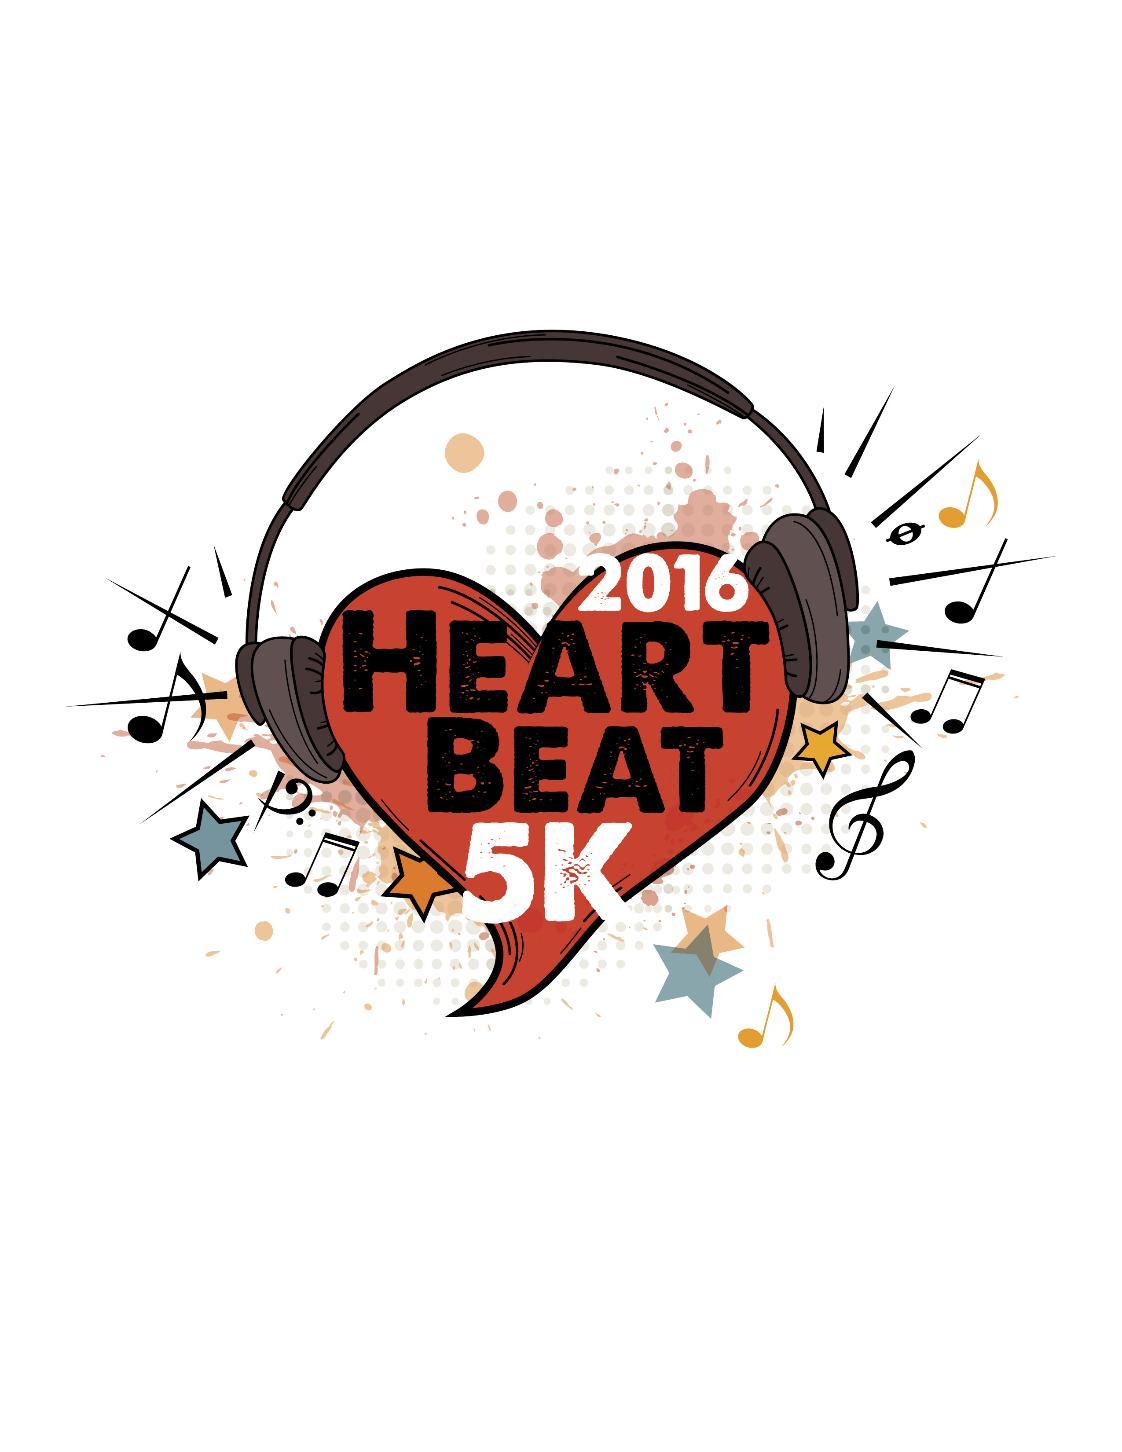 Heartbeat 5k